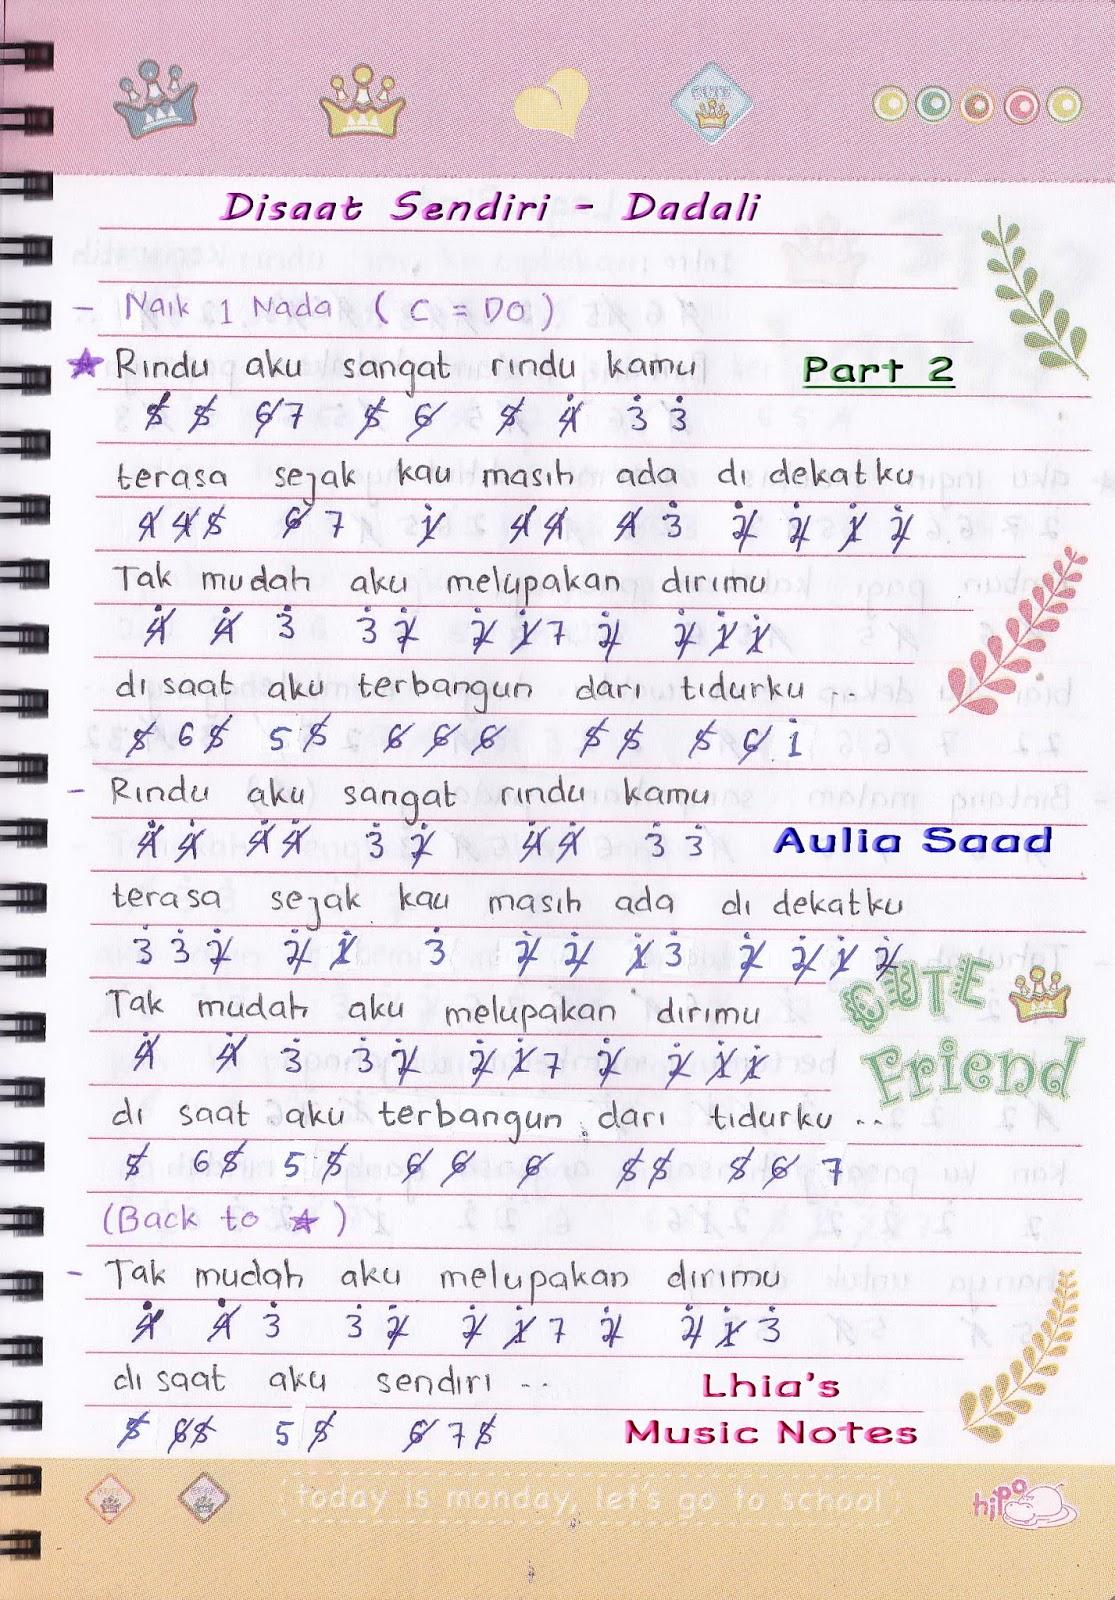 Download Lagu Dadali Disaat Sendiri Stafa Band : download, dadali, disaat, sendiri, stafa, Download, Disaata, Fasrbooth